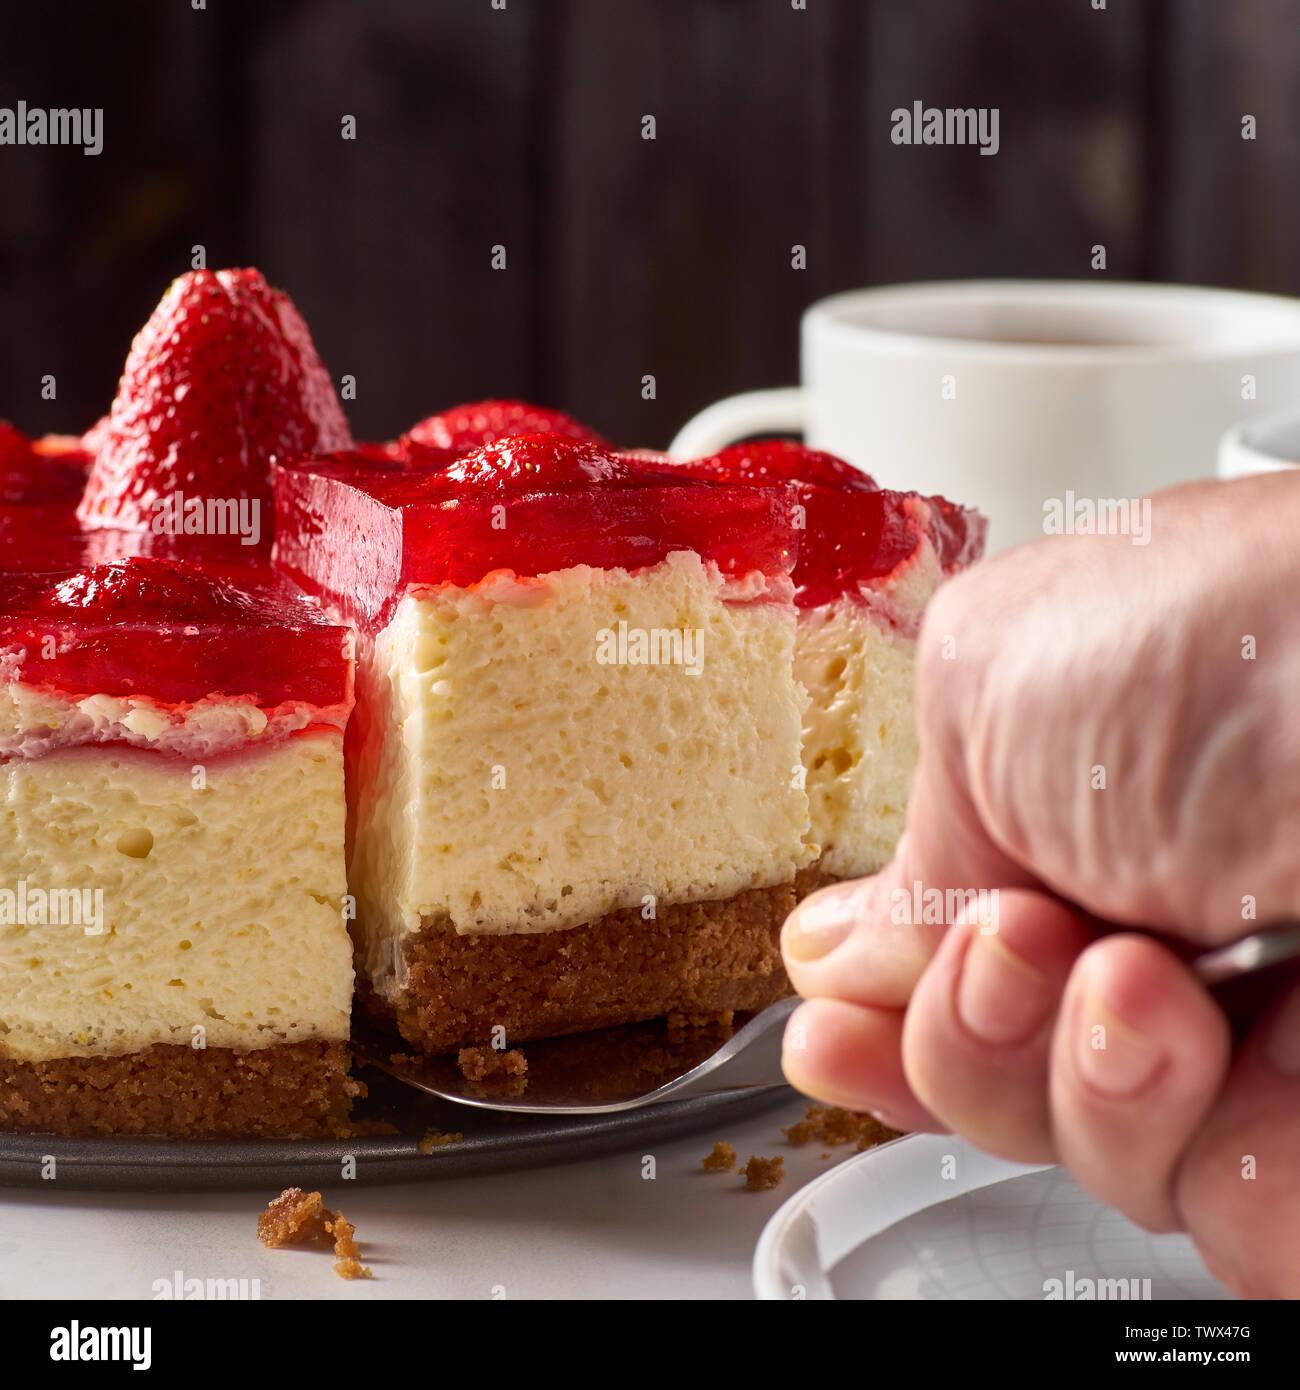 Mano sollevata pezzo di cheesecake con fragole Immagini Stock